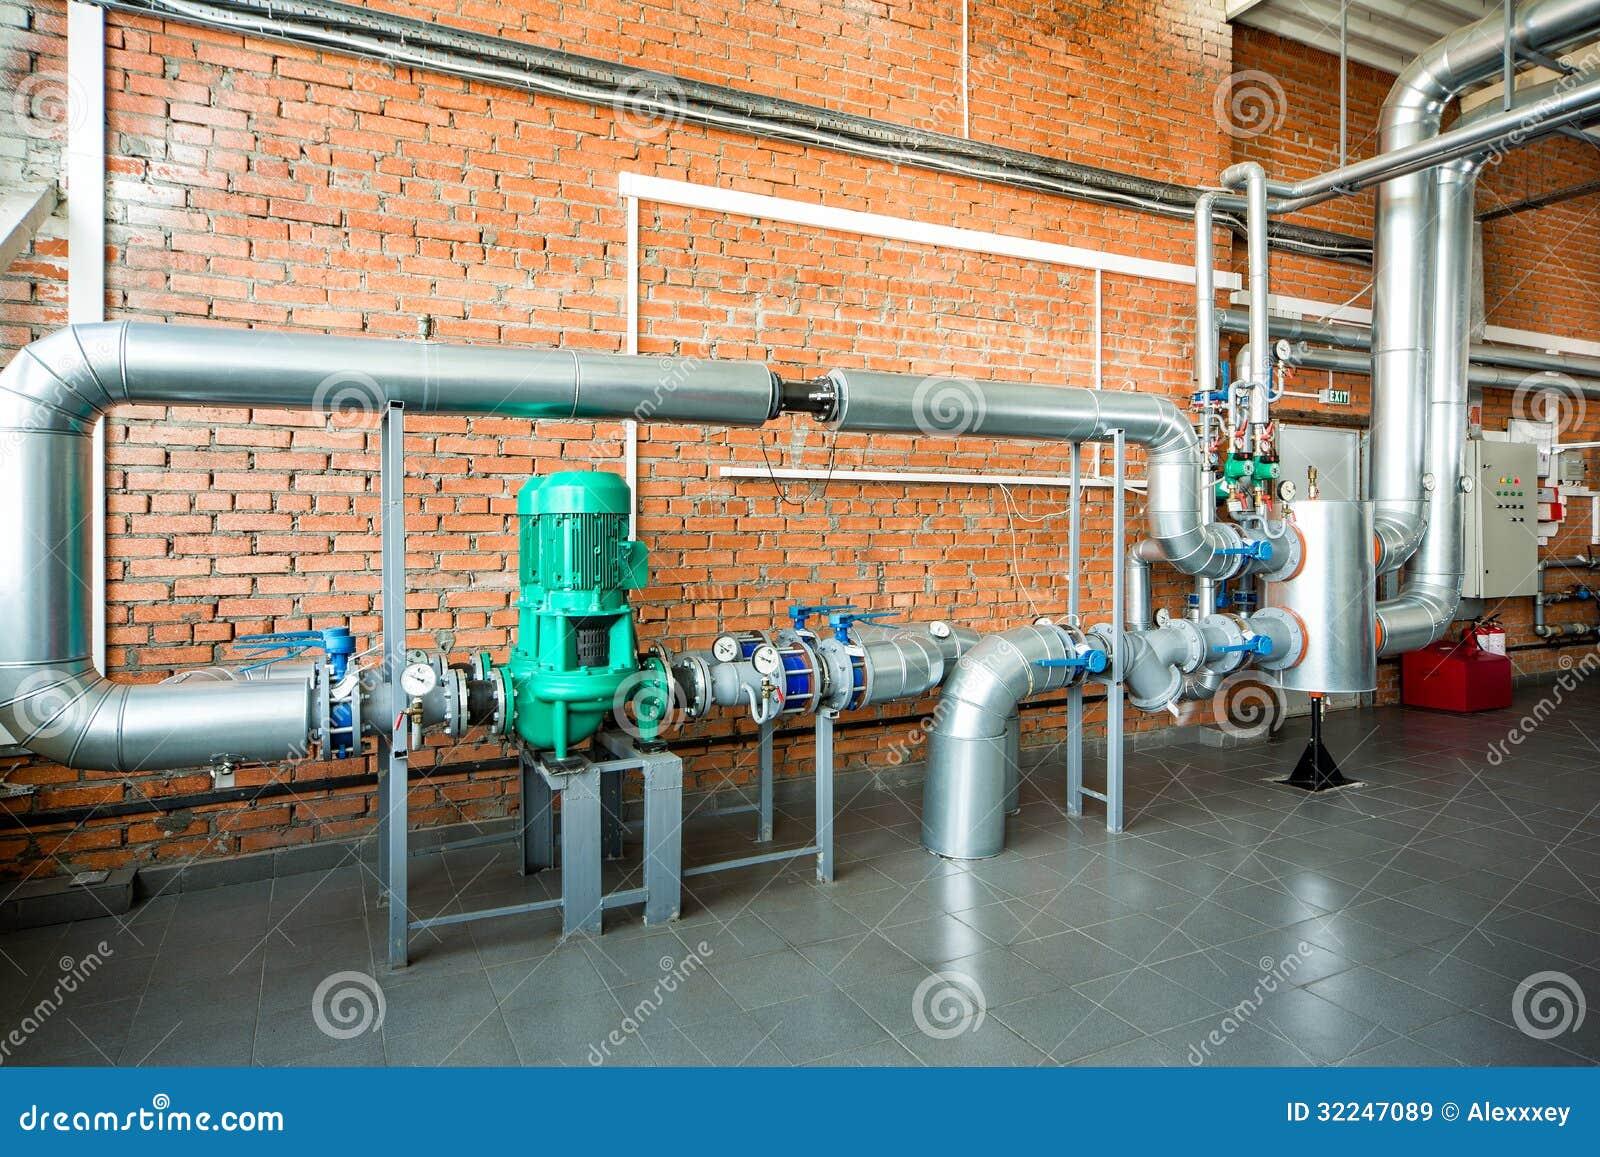 Interno di una caldaia industriale con i tubi e le pompe - Caldaia da interno ...